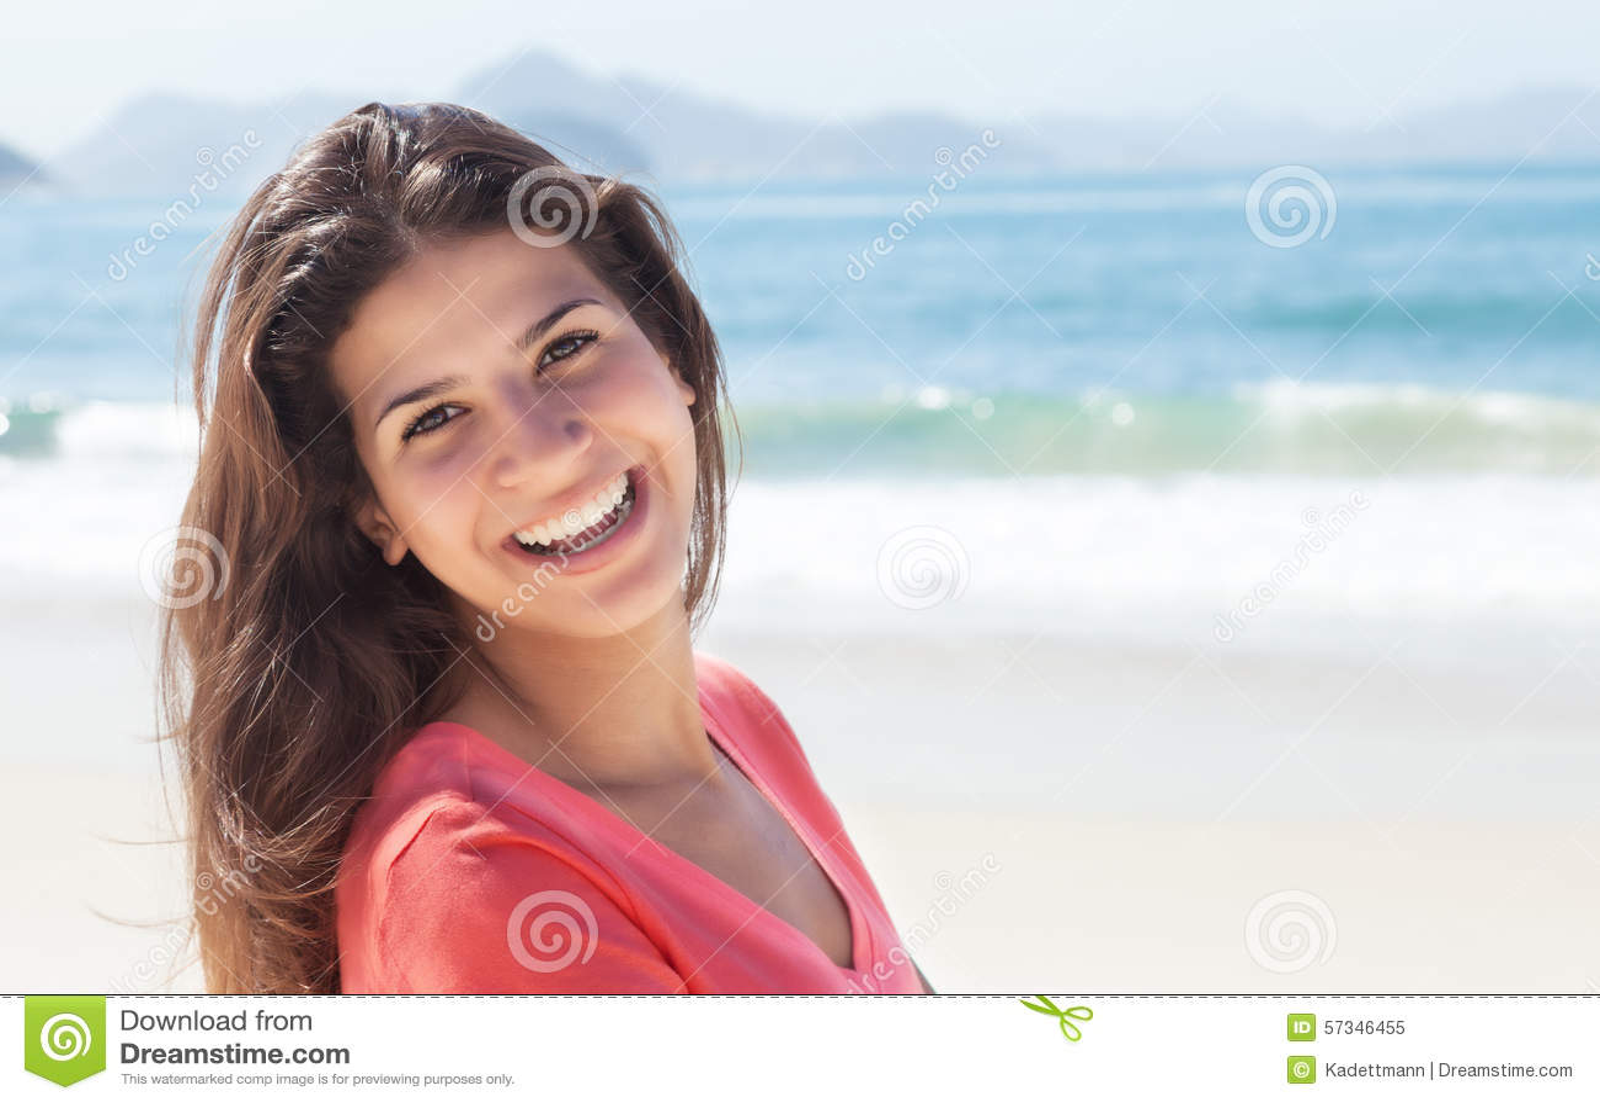 Donna divertente con capelli scuri alla spiaggia